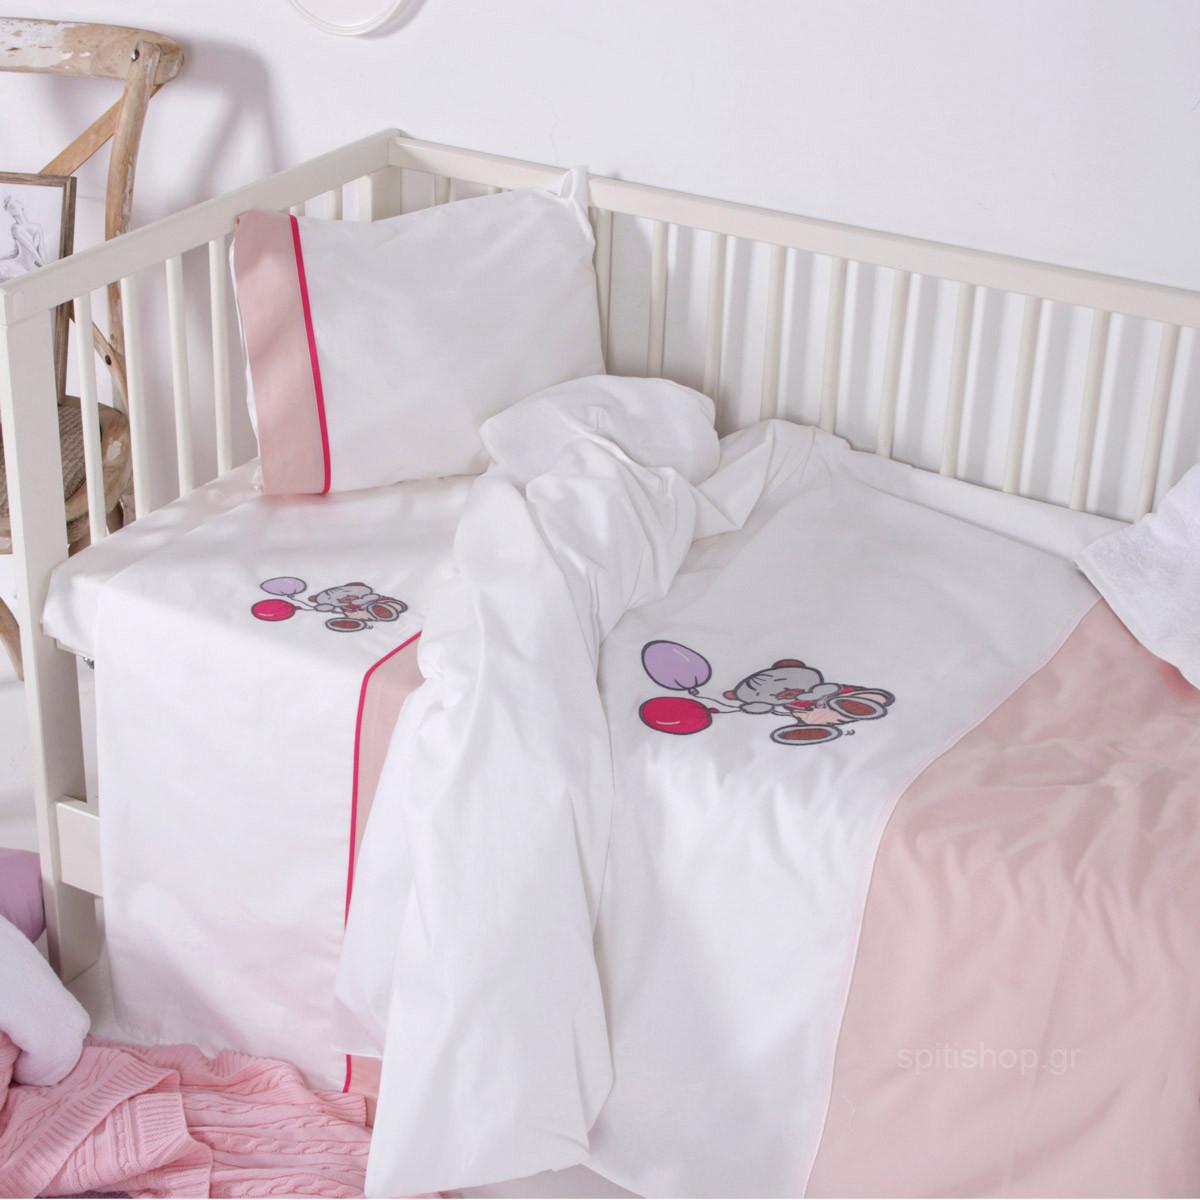 Σεντόνια Κούνιας (Σετ) Sb Home Baby Arturo Pink